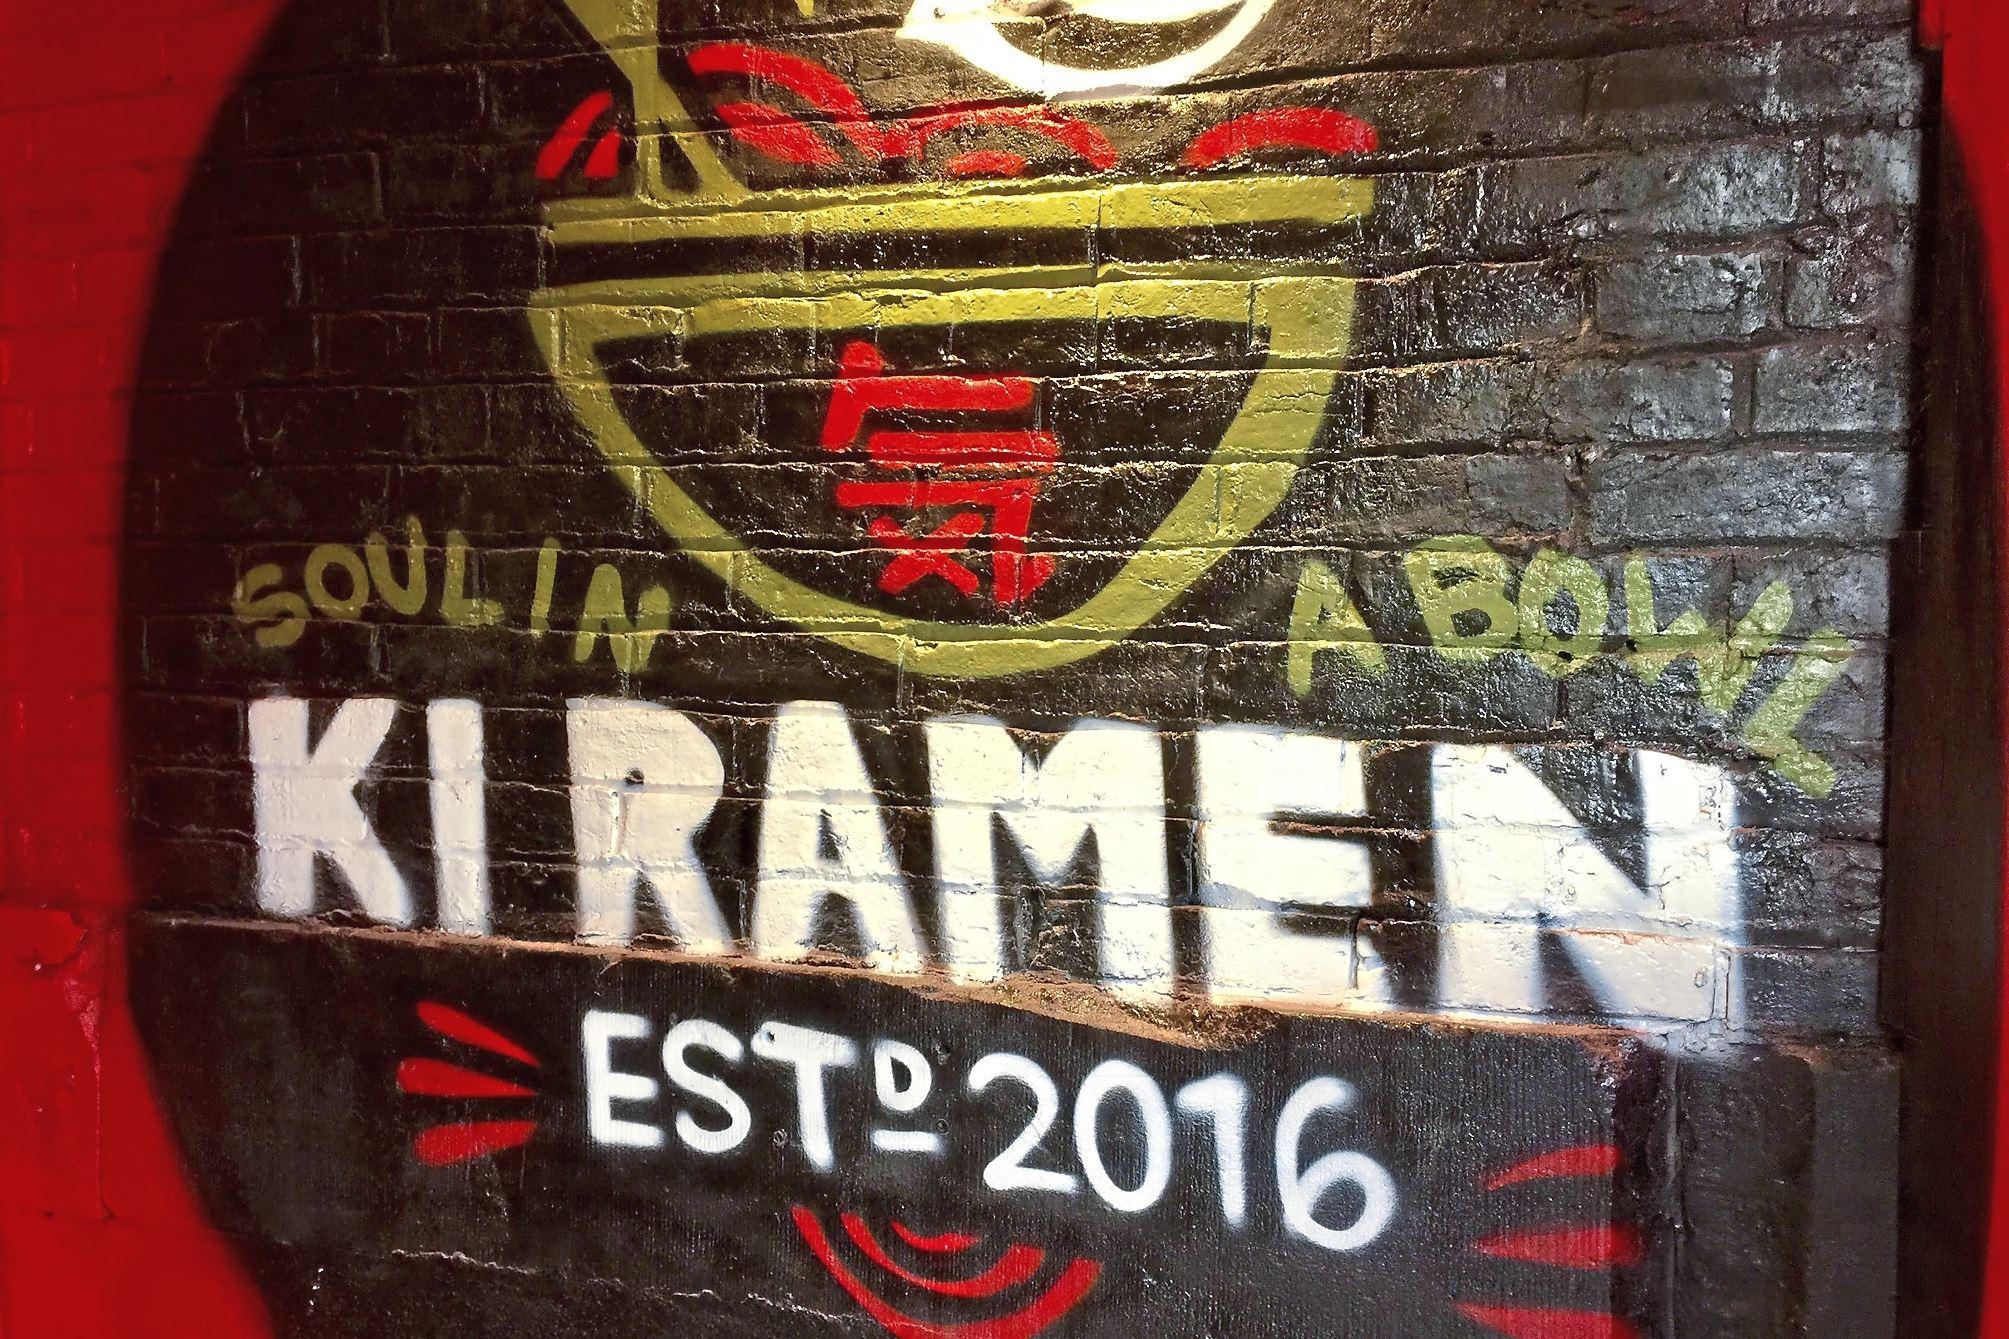 kiramen0803d-3 Some of the graffiti art at Ki Ramen in Lawrenceville.